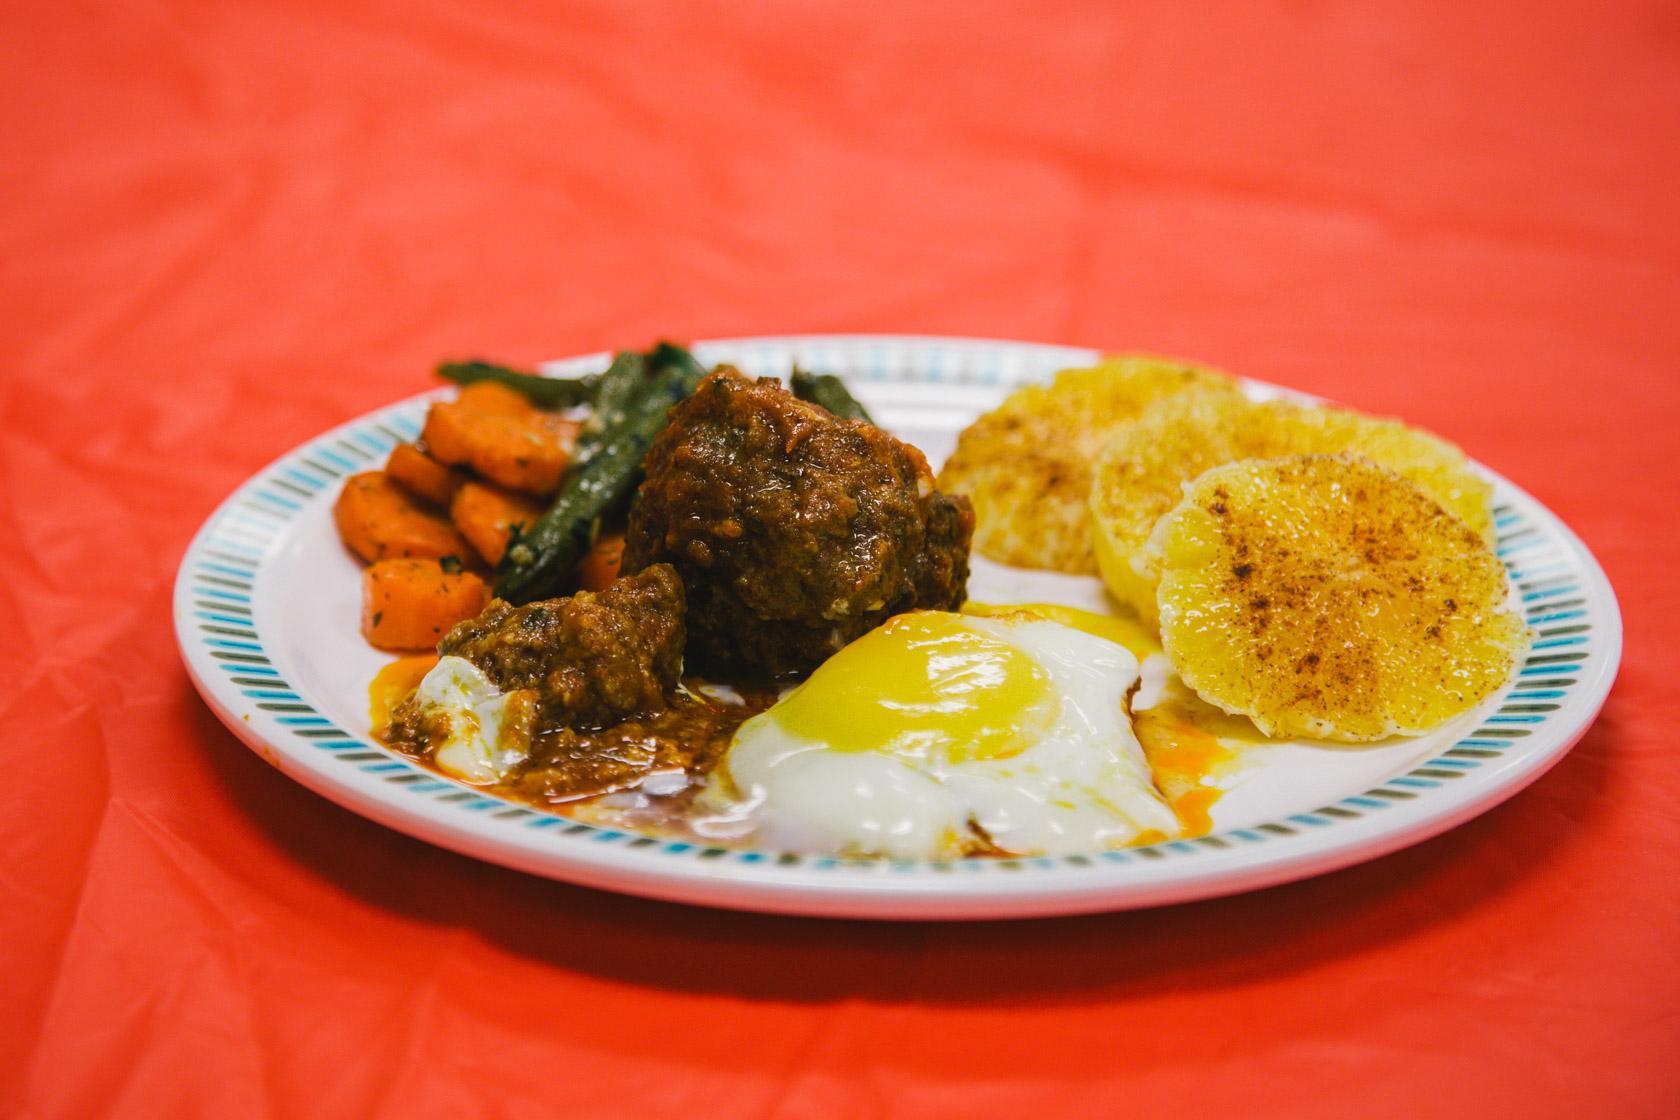 Moroccan Food | Spiritual Life | Baylor University